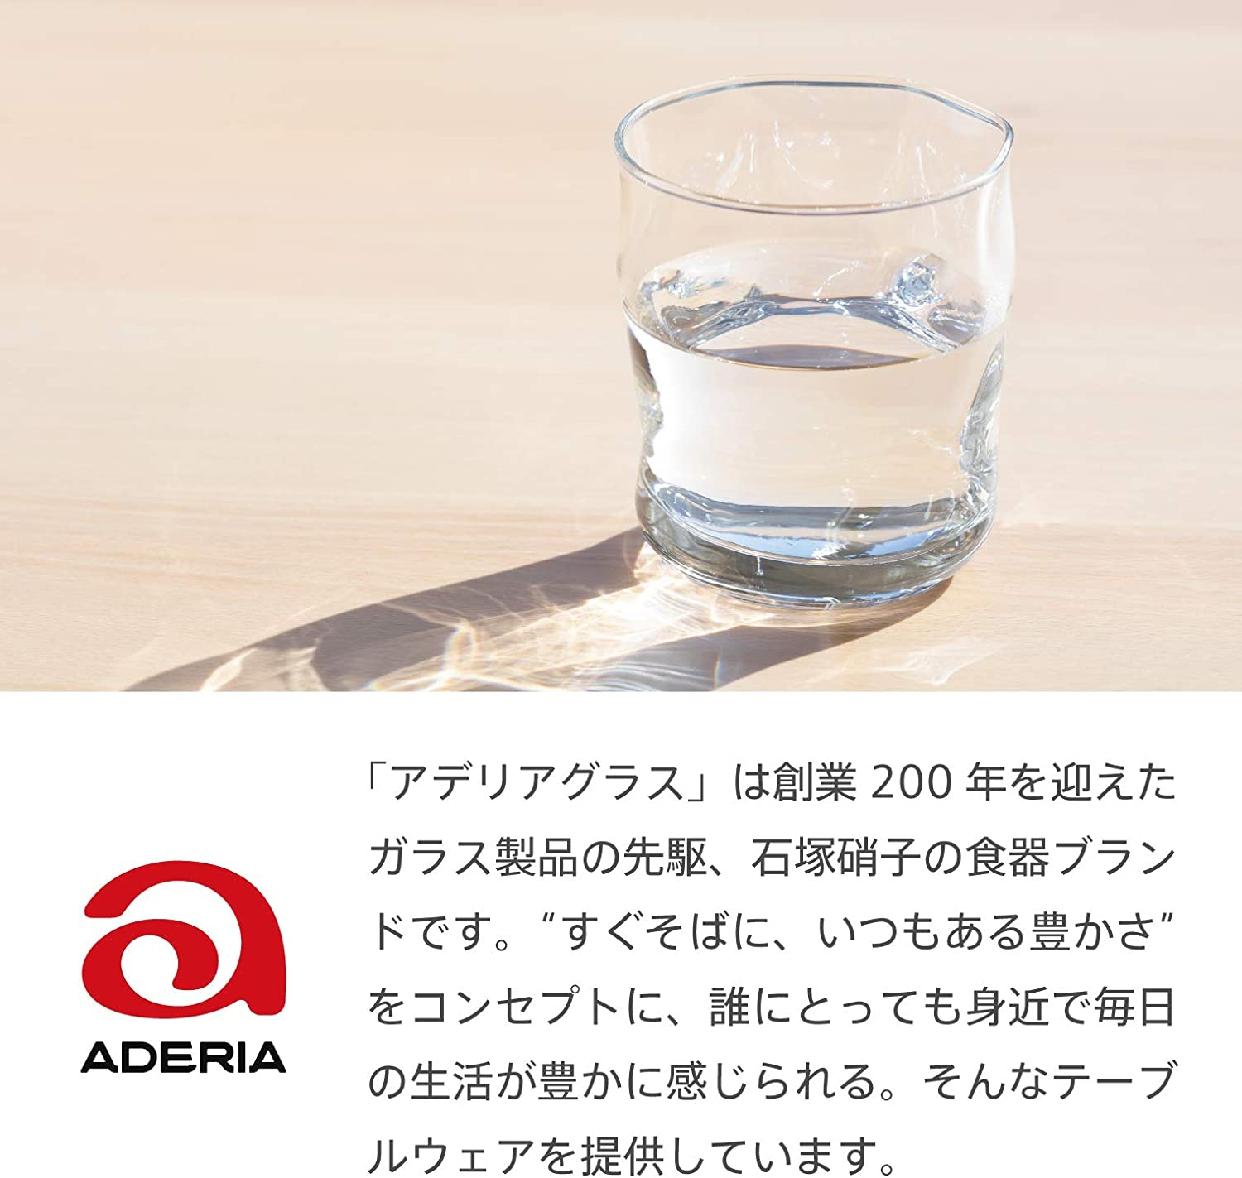 ADERIA(アデリア) ビールジョッキ クリアの商品画像6